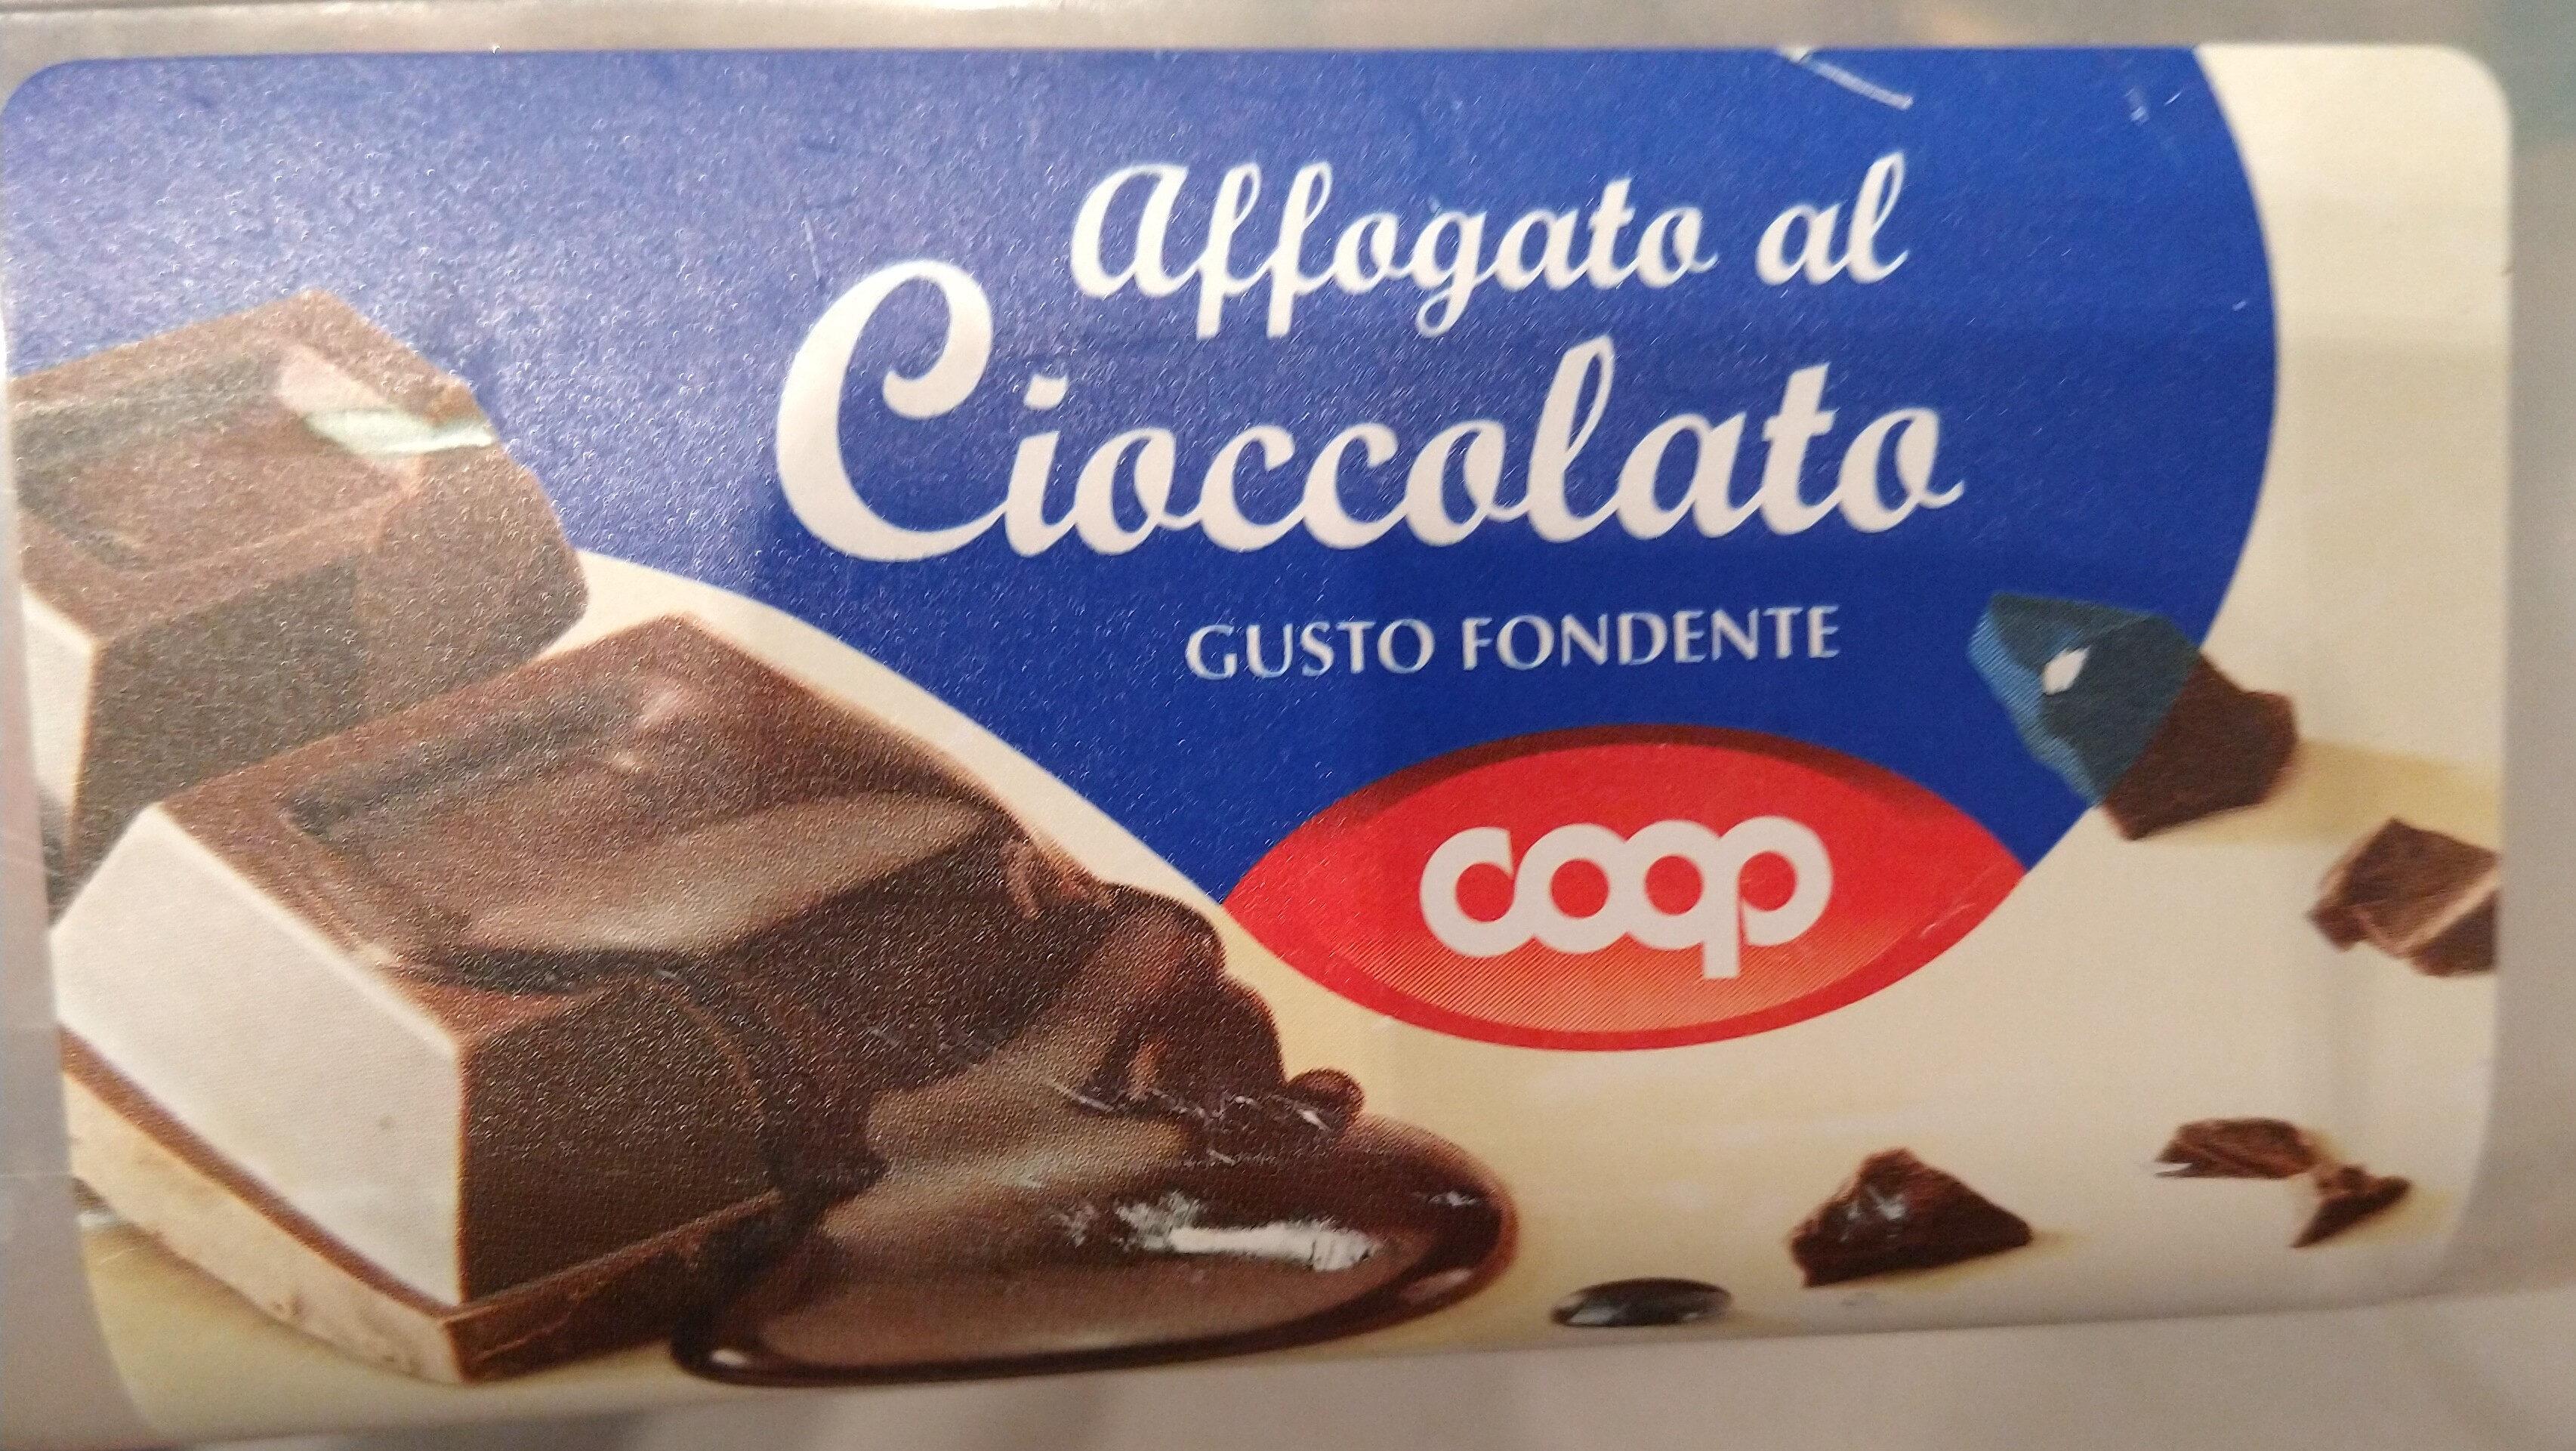 affogato al cioccolato - Produkt - it